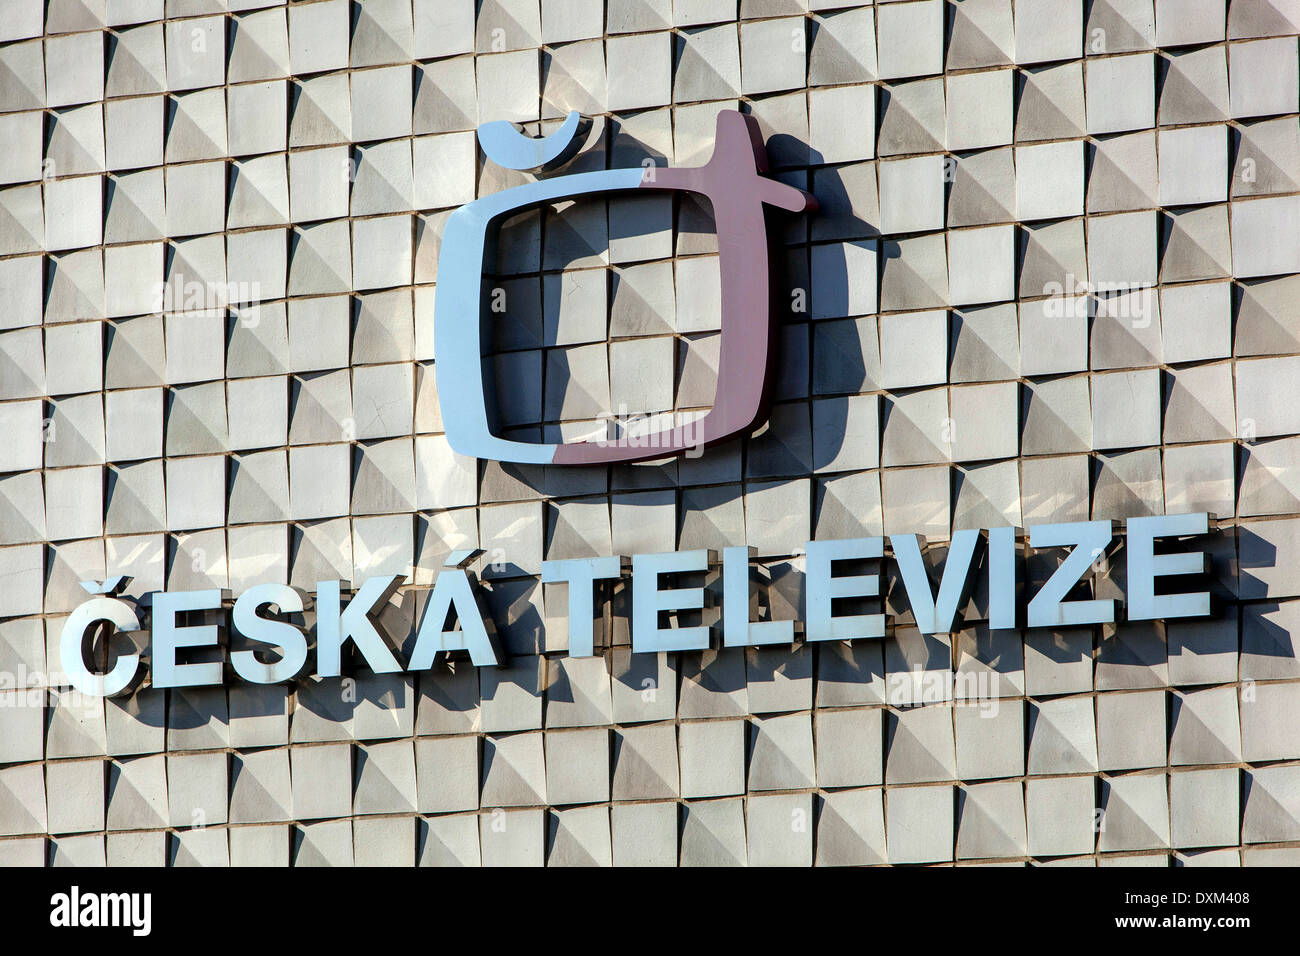 Czech TV Kavci Hory Pankrac Prague Czech Republic Stock Photo